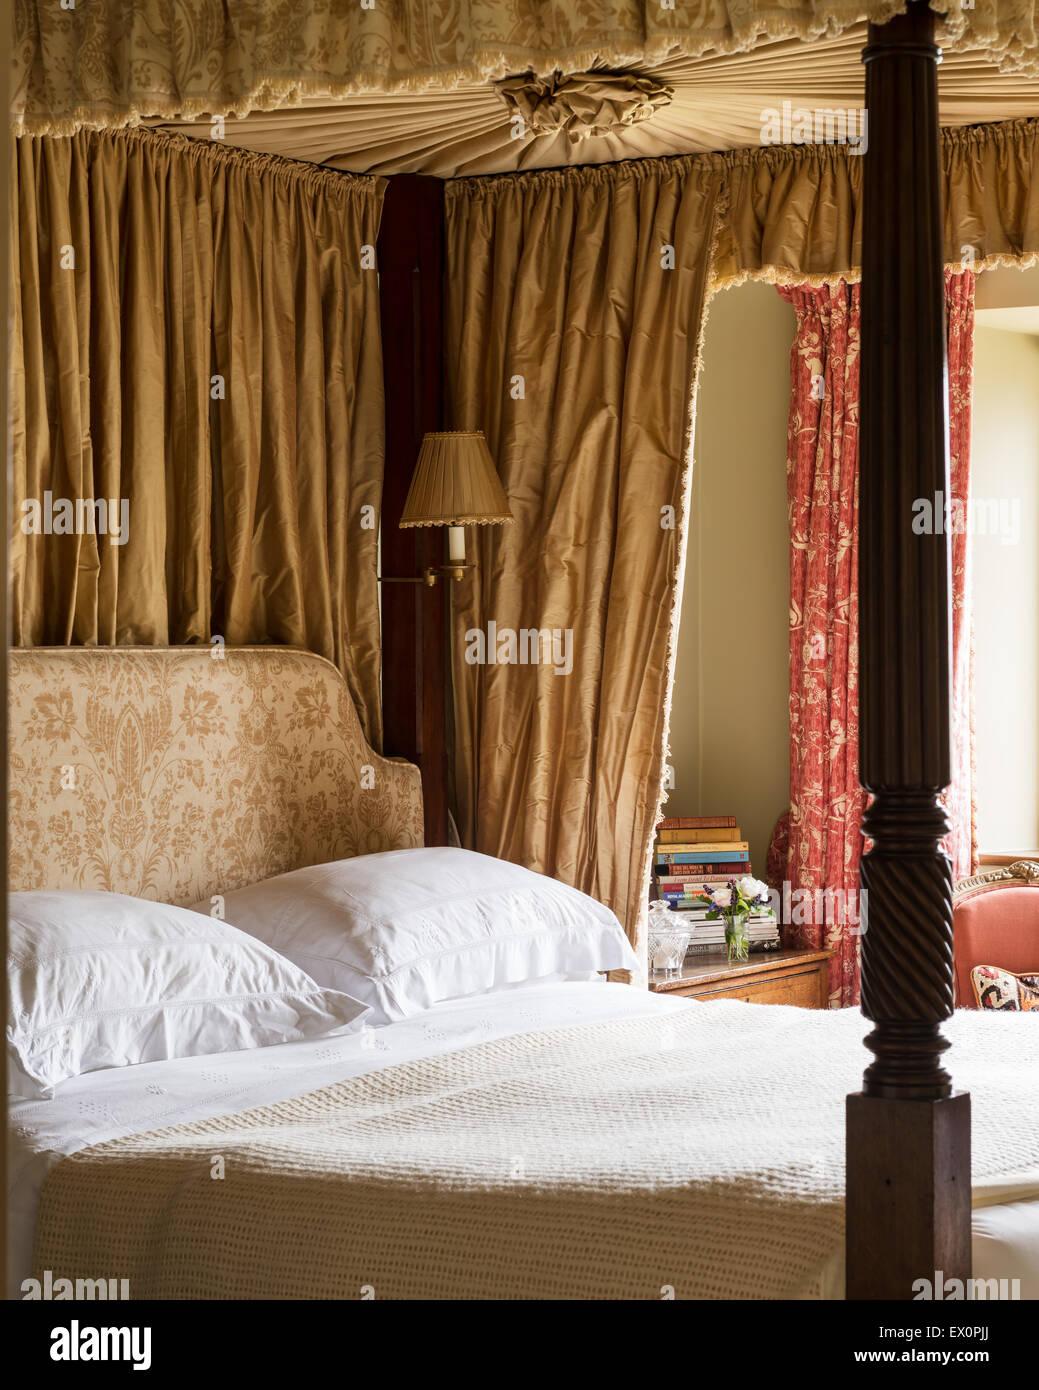 - Four Poster Bed With Curtains Stockfotos Und -bilder Kaufen - Alamy